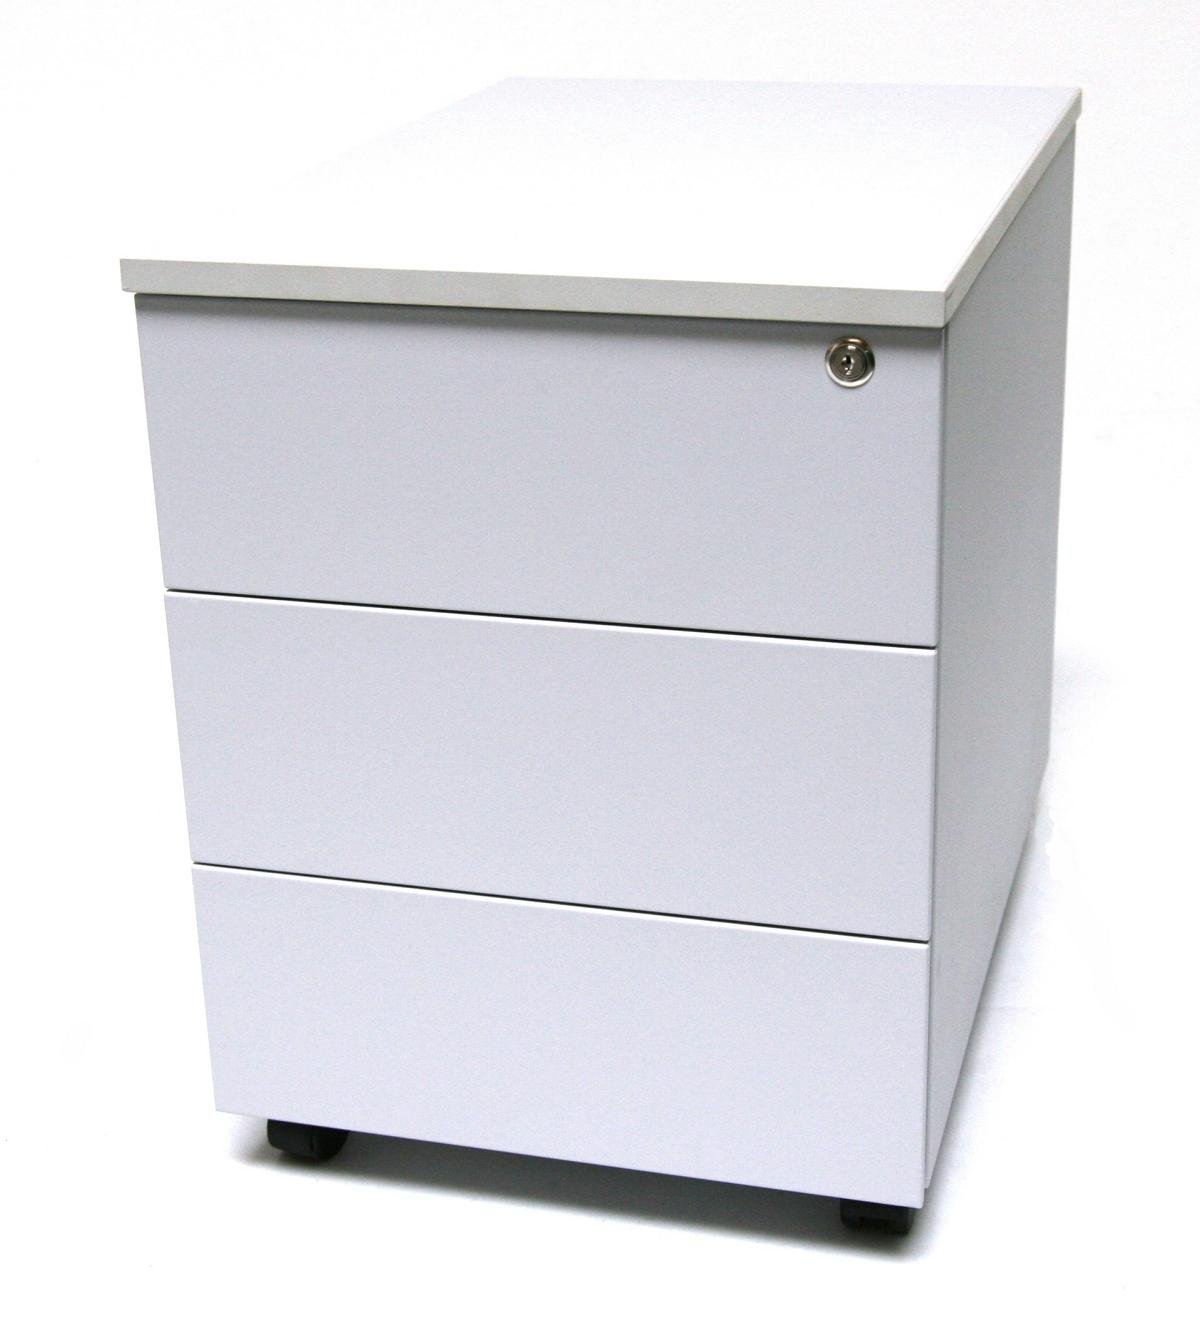 Rollcontainer Stahl, Eco 3 Schubladen, 53x40x59 cm, lichtgrau, Marke ...